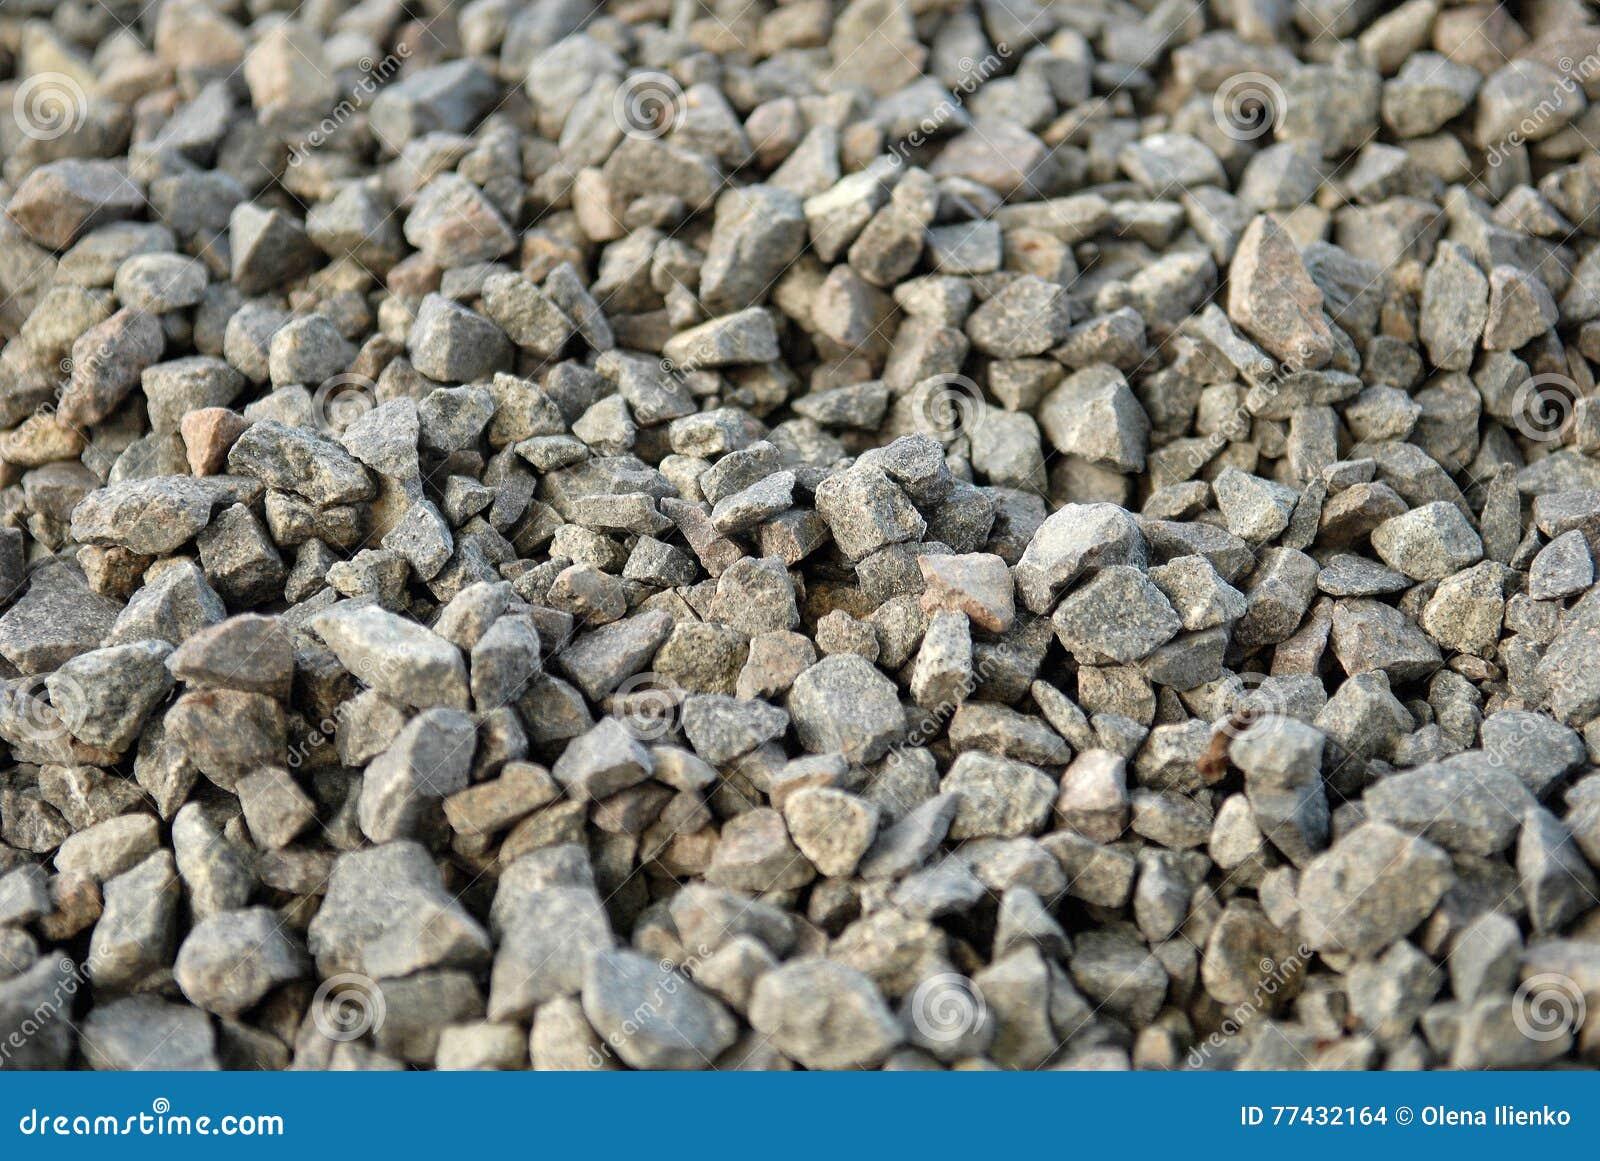 Textura de la grava del granito materiales de construcci n - Material de construccion ...